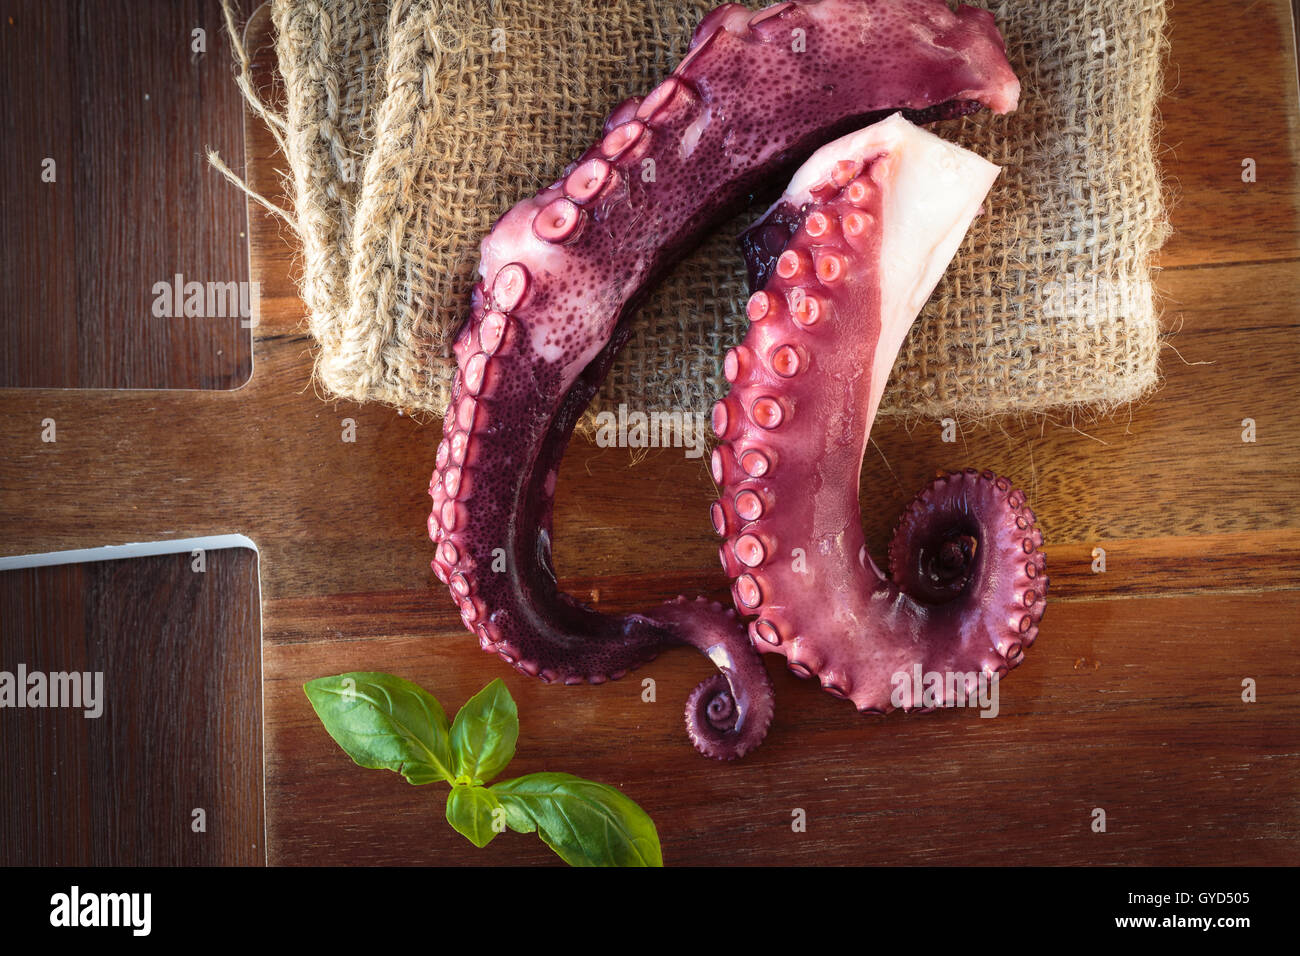 Sehr lecker gekochten Tintenfisch Tentakeln auf ein Schneidebrett Stockbild